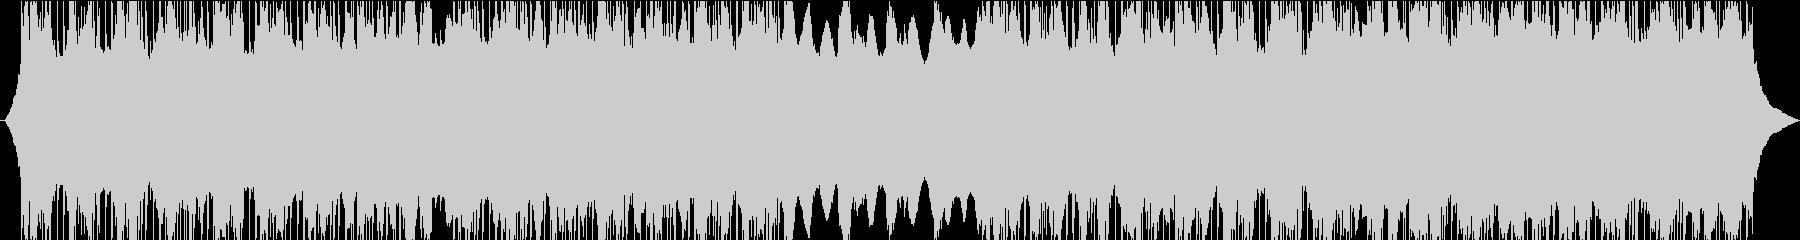 ブレイクビーツ アンビエント 実験...の未再生の波形